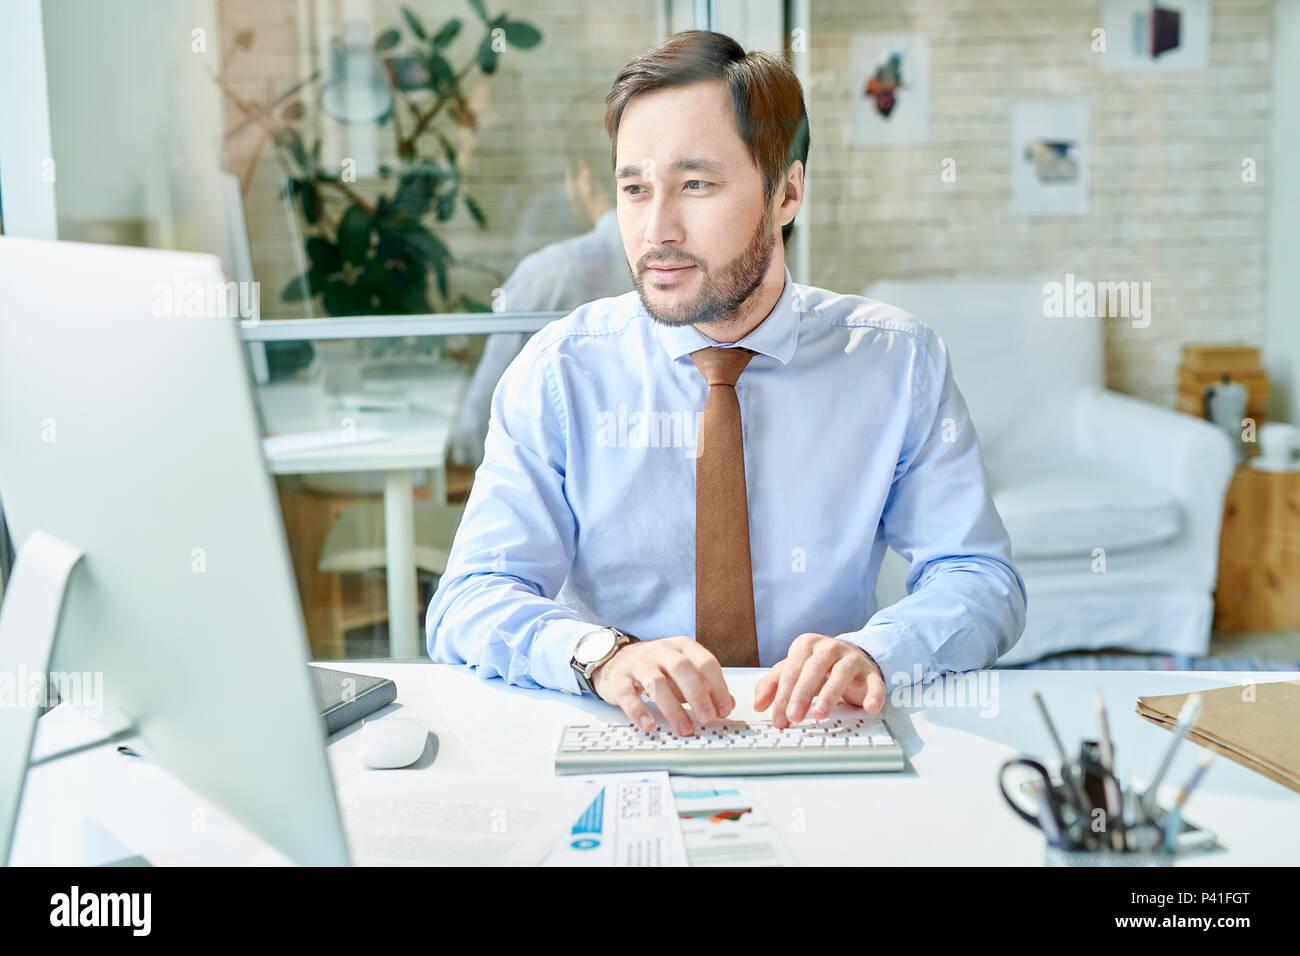 Elegante imprenditore lavorando sul computer Immagini Stock